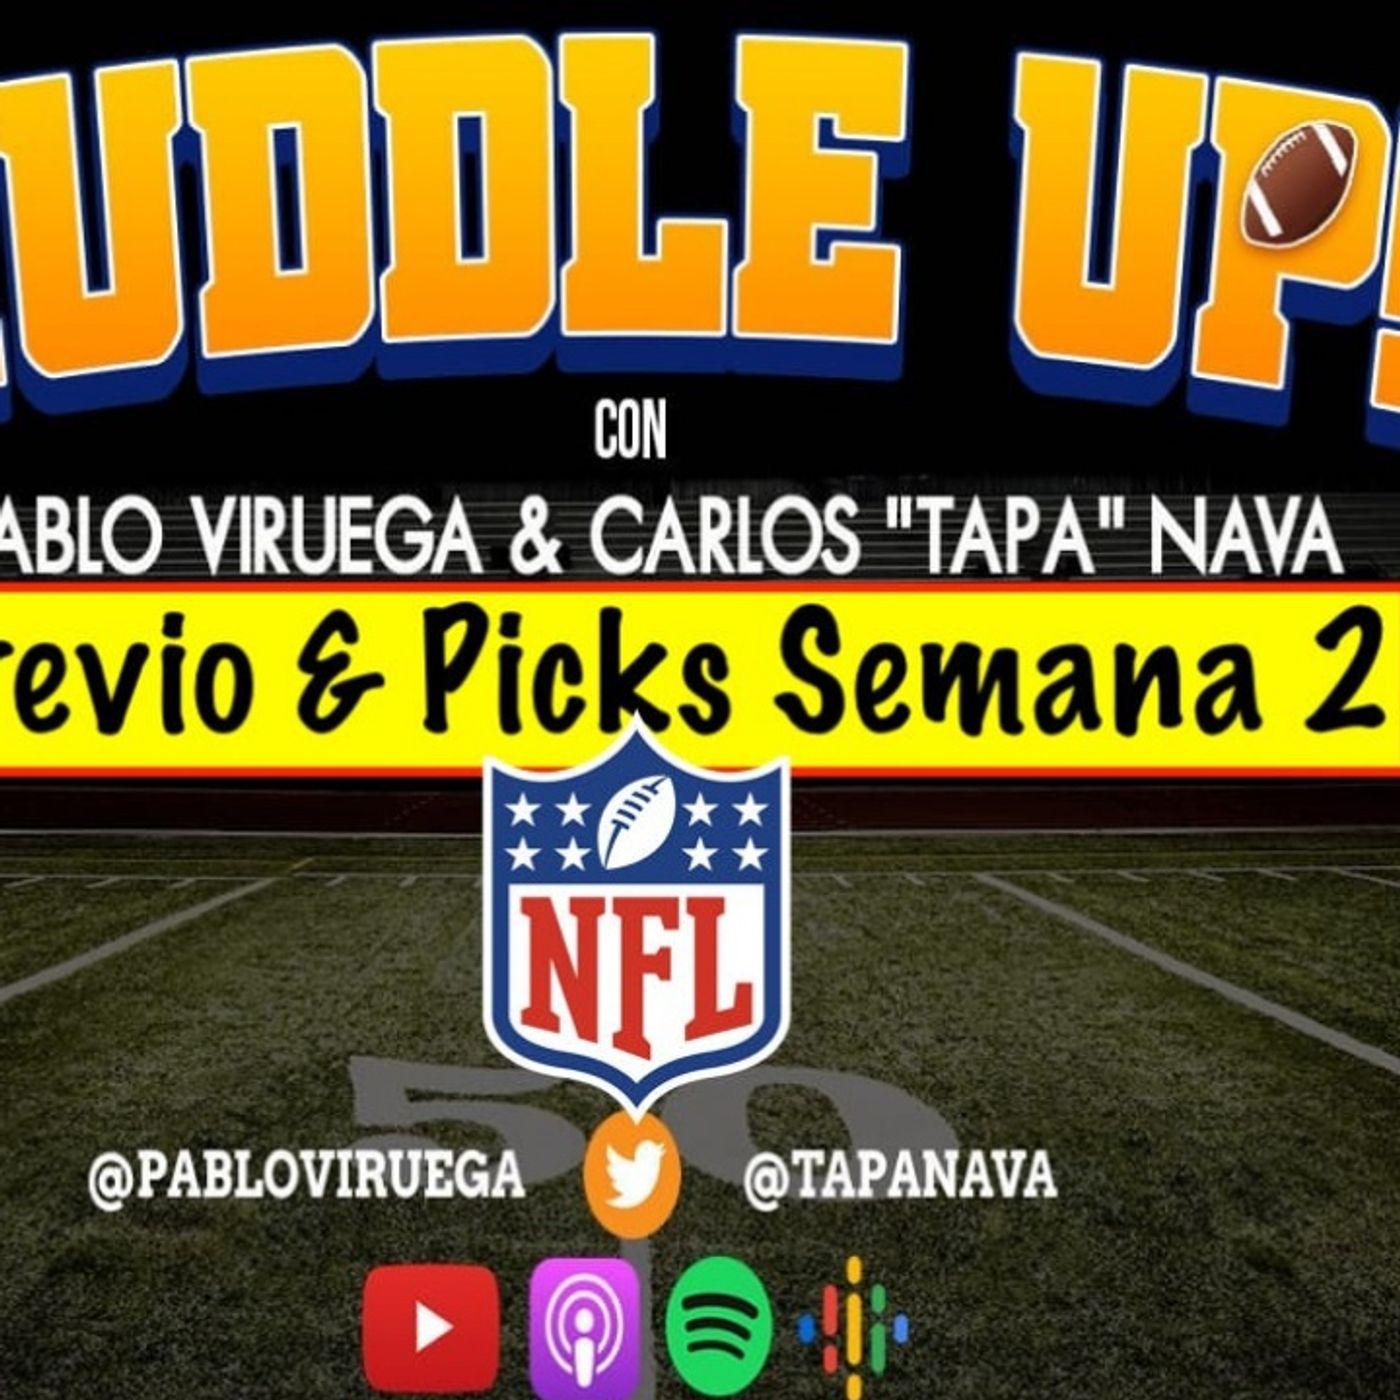 #HuddleUP Previo y Picks Semana 2 #NFL @TapaNava y @PabloViruega